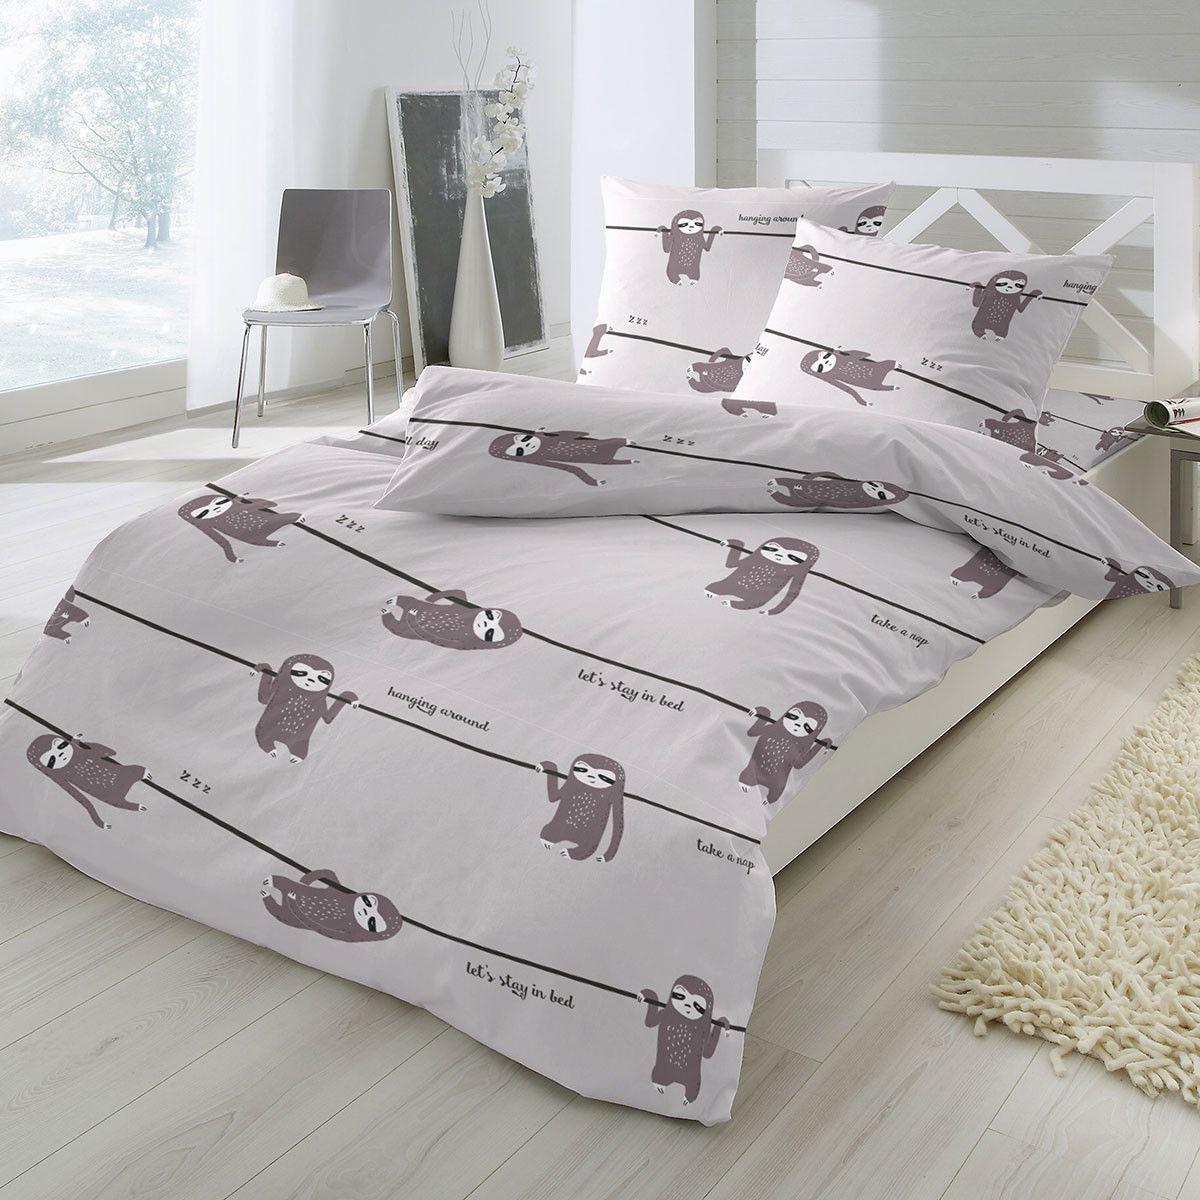 Feinbiber Bettwasche Faultier Aus Besonders Warmer Und Kuschelig